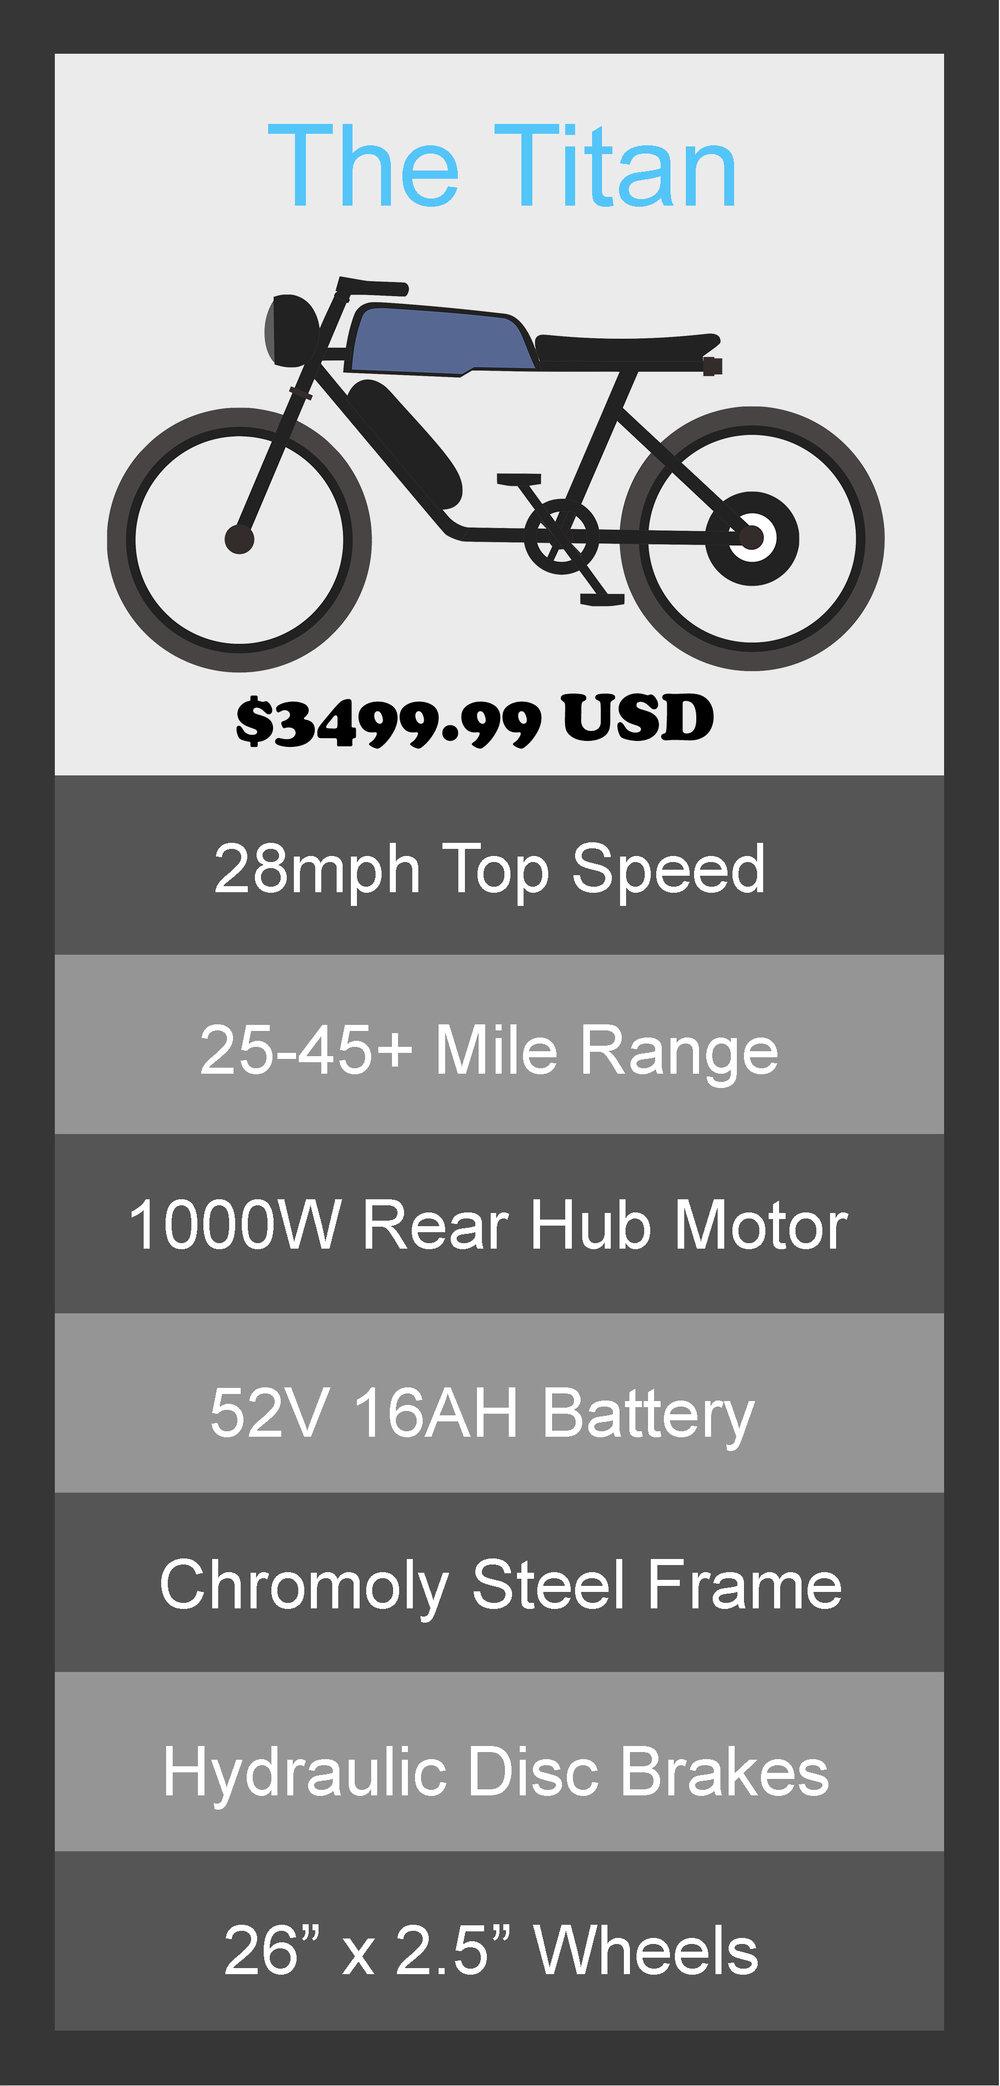 titan-electric-bike.jpg